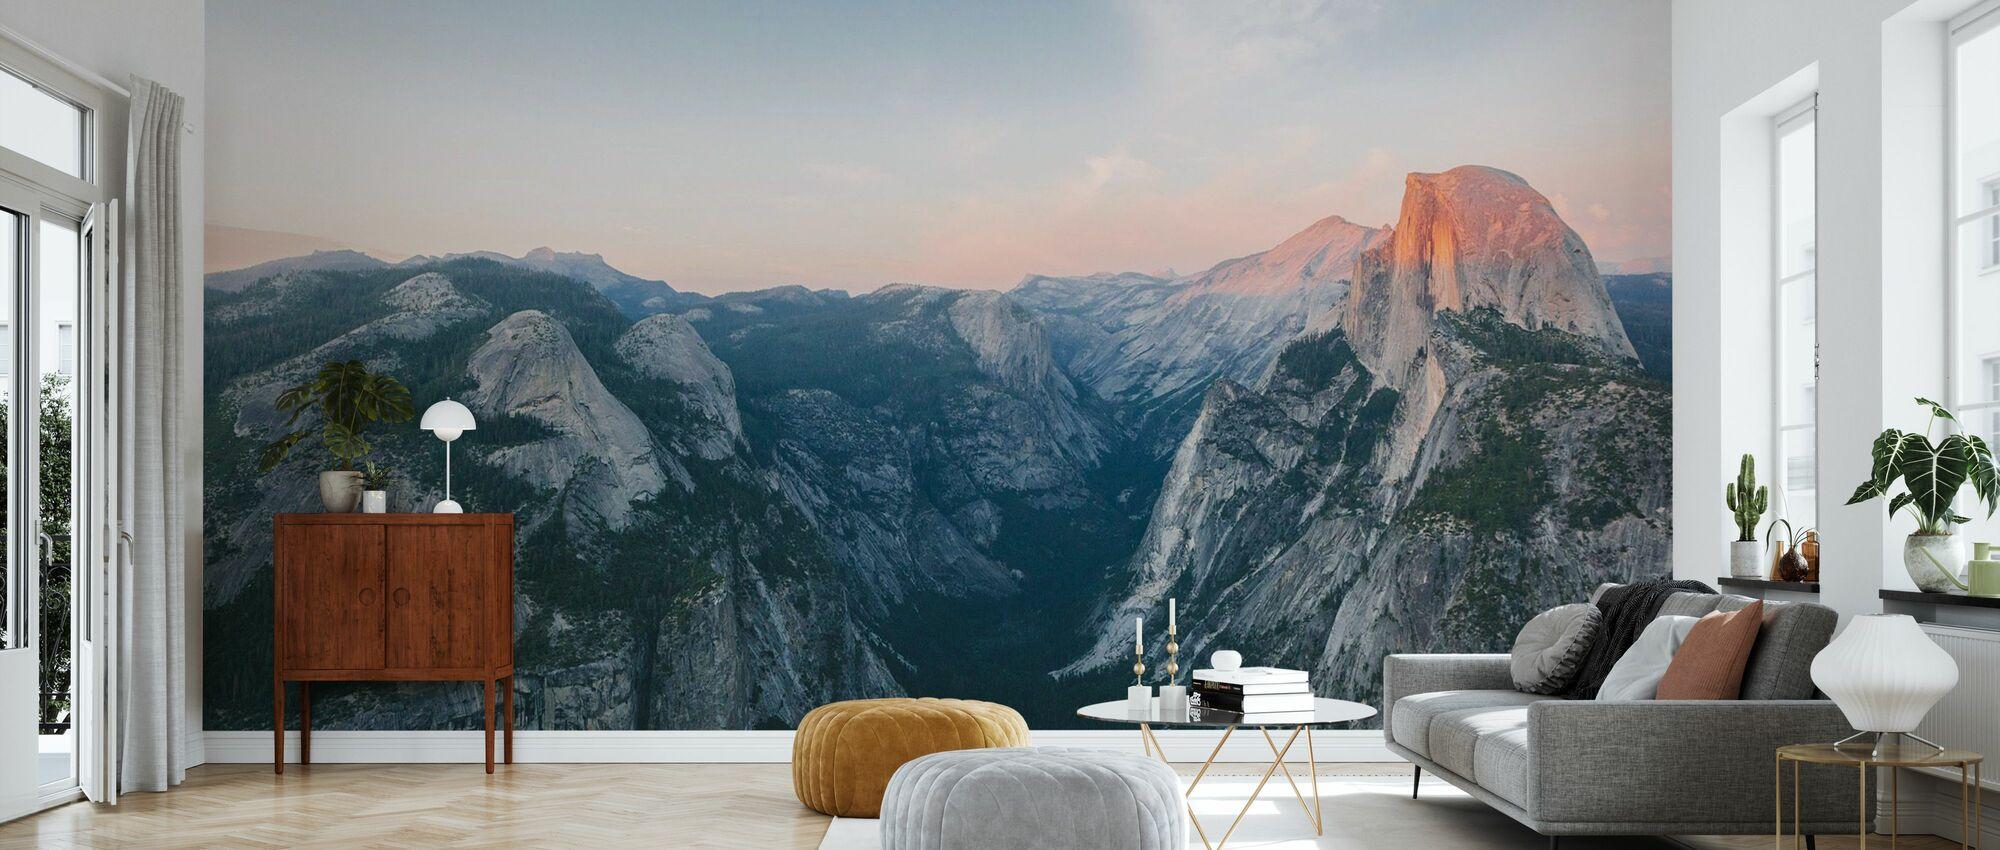 Halbe Kuppel, Yosemite Nationalpark - Tapete - Wohnzimmer